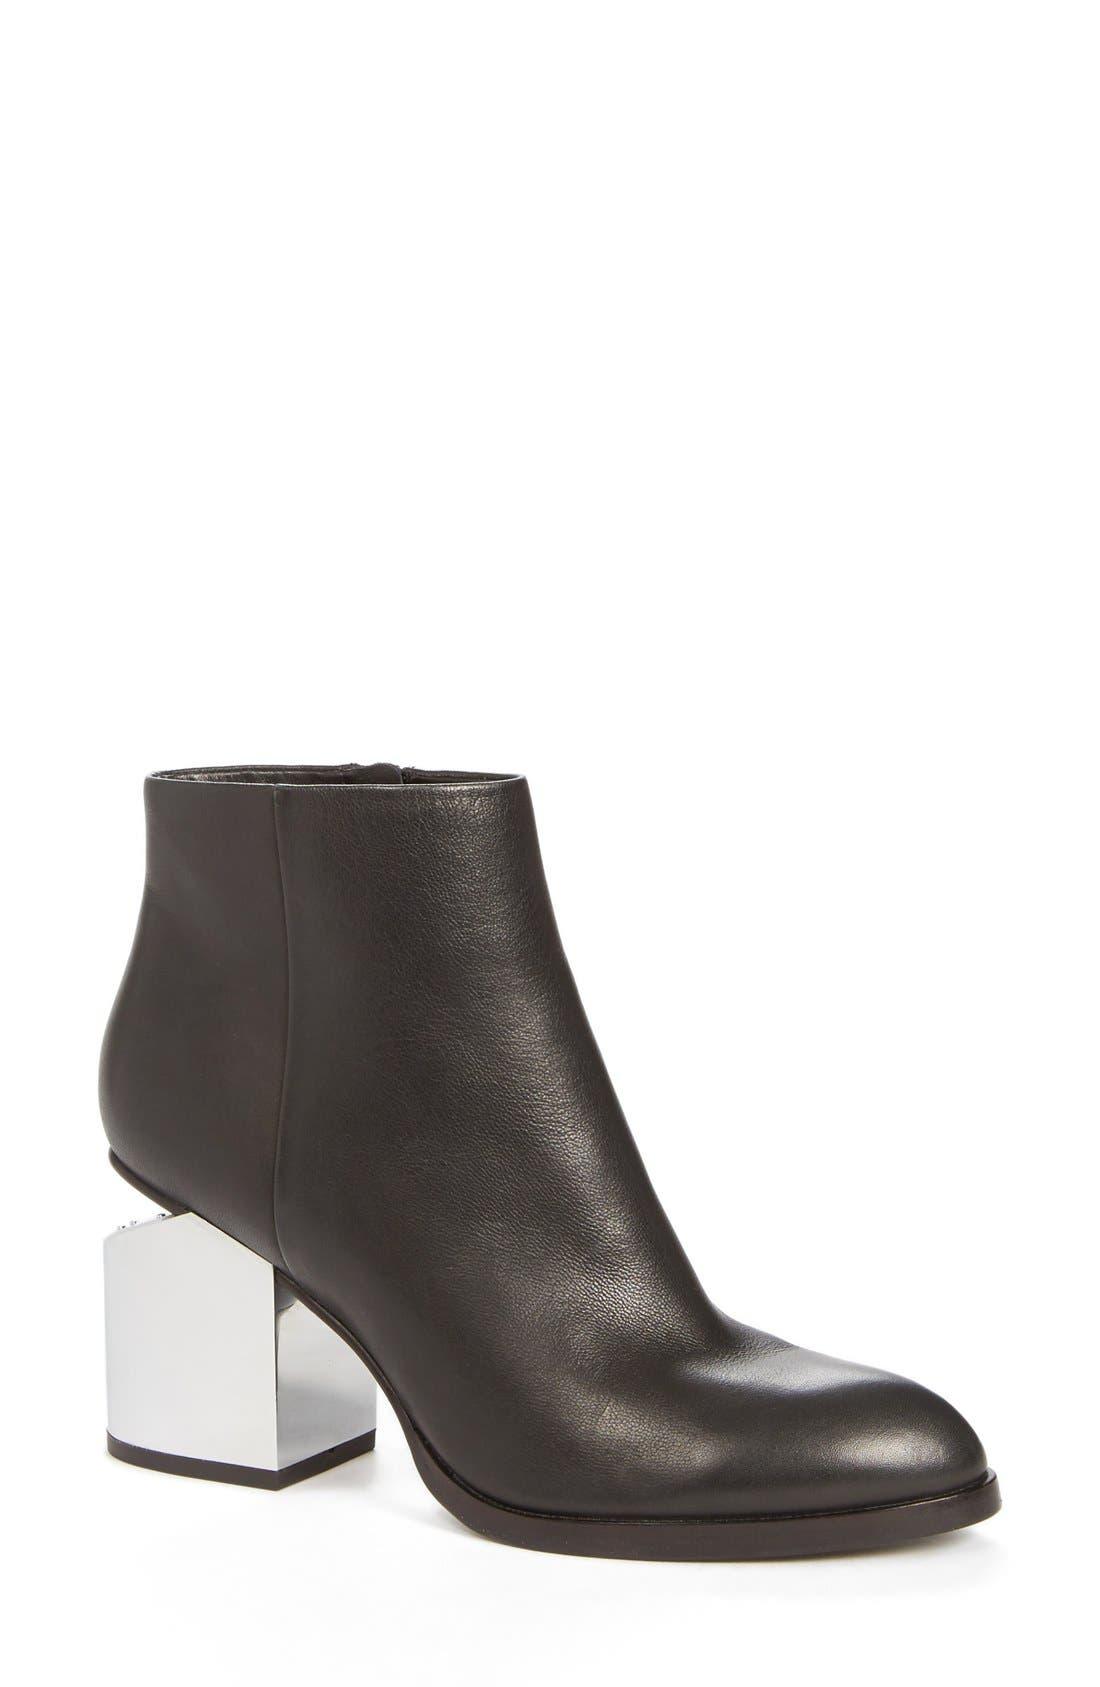 'Gabi' Silver Heel Bootie,                         Main,                         color, Black Calf